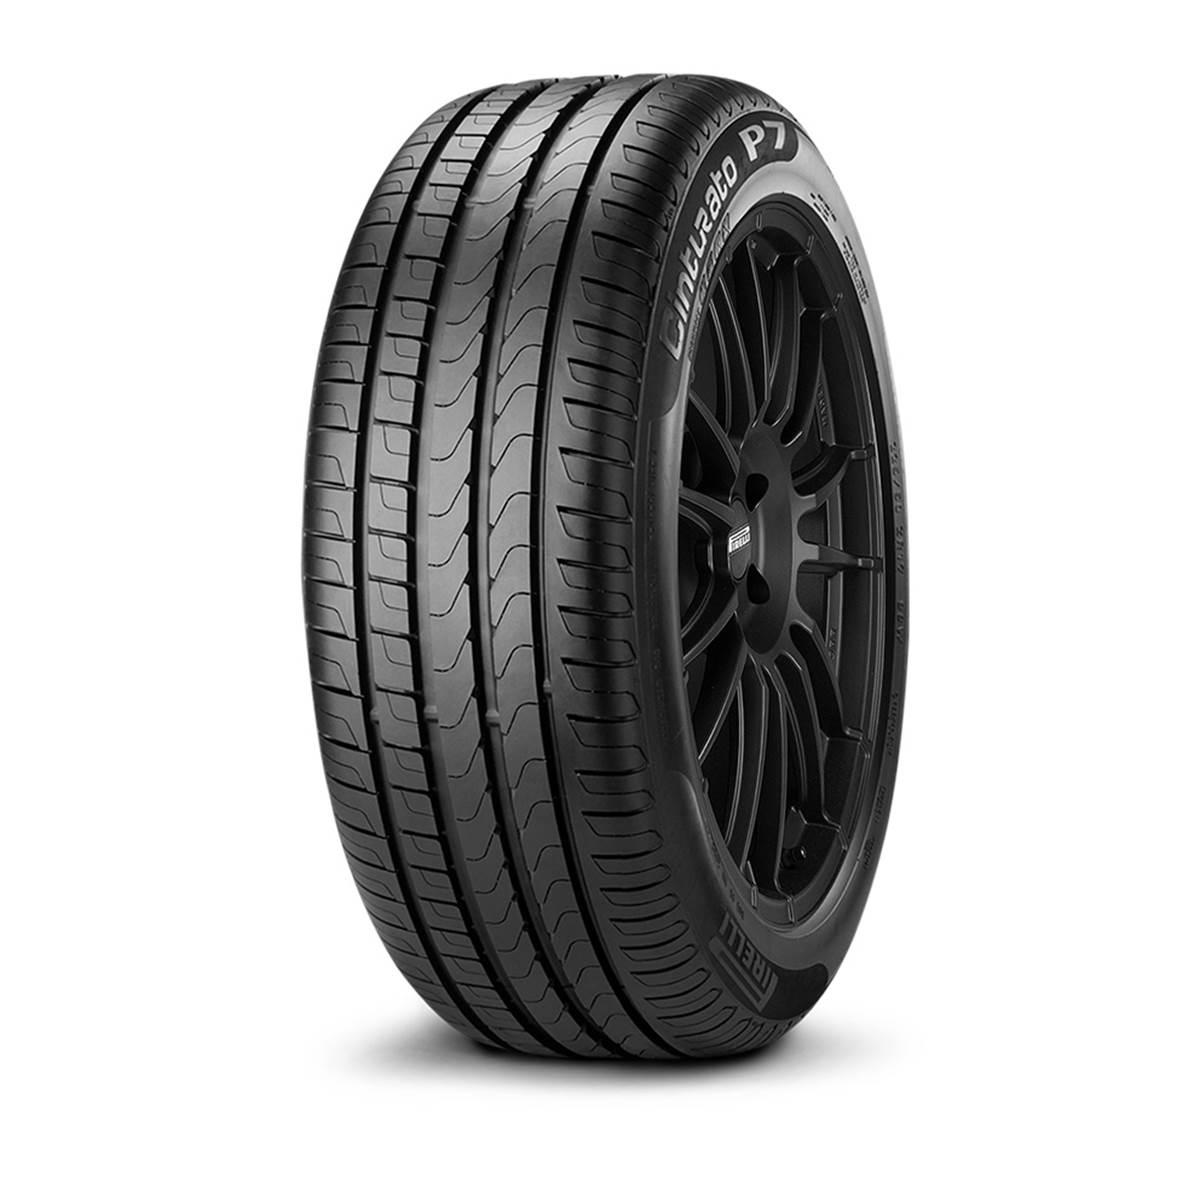 Pneu Pirelli 225/55R17 97Y Cinturato P7